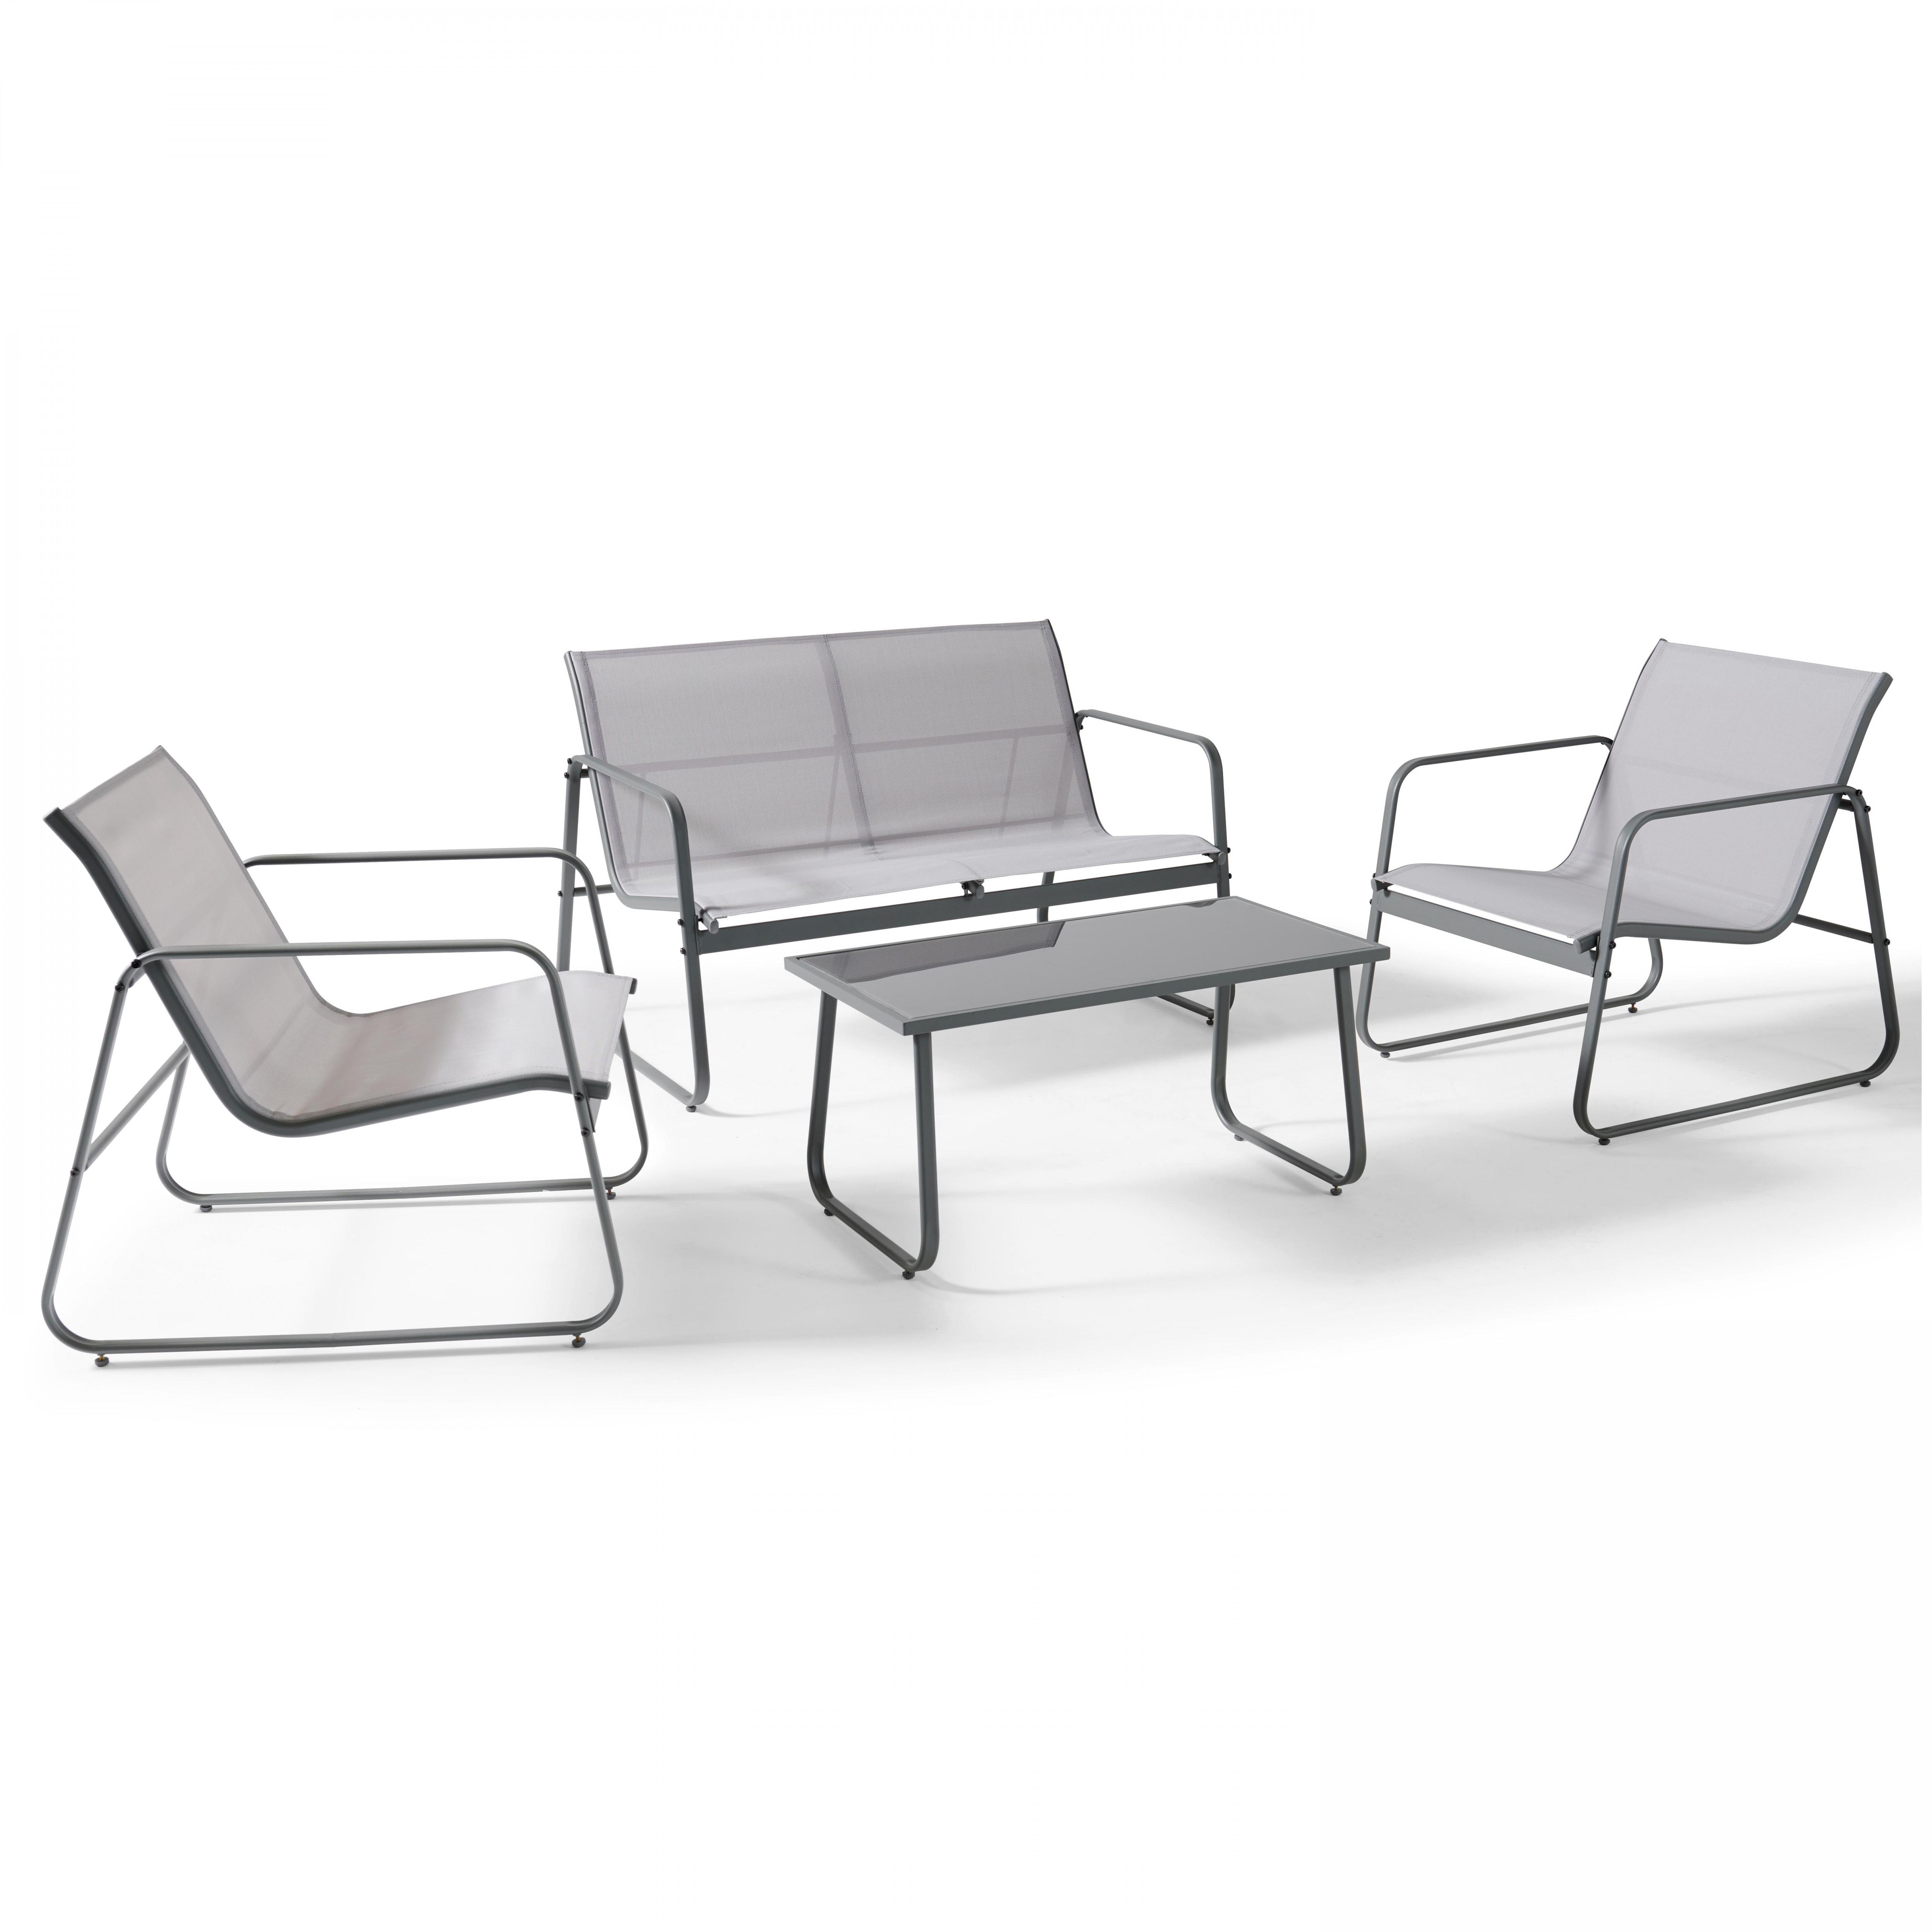 Salon de jardin 4 places en acier gris clair